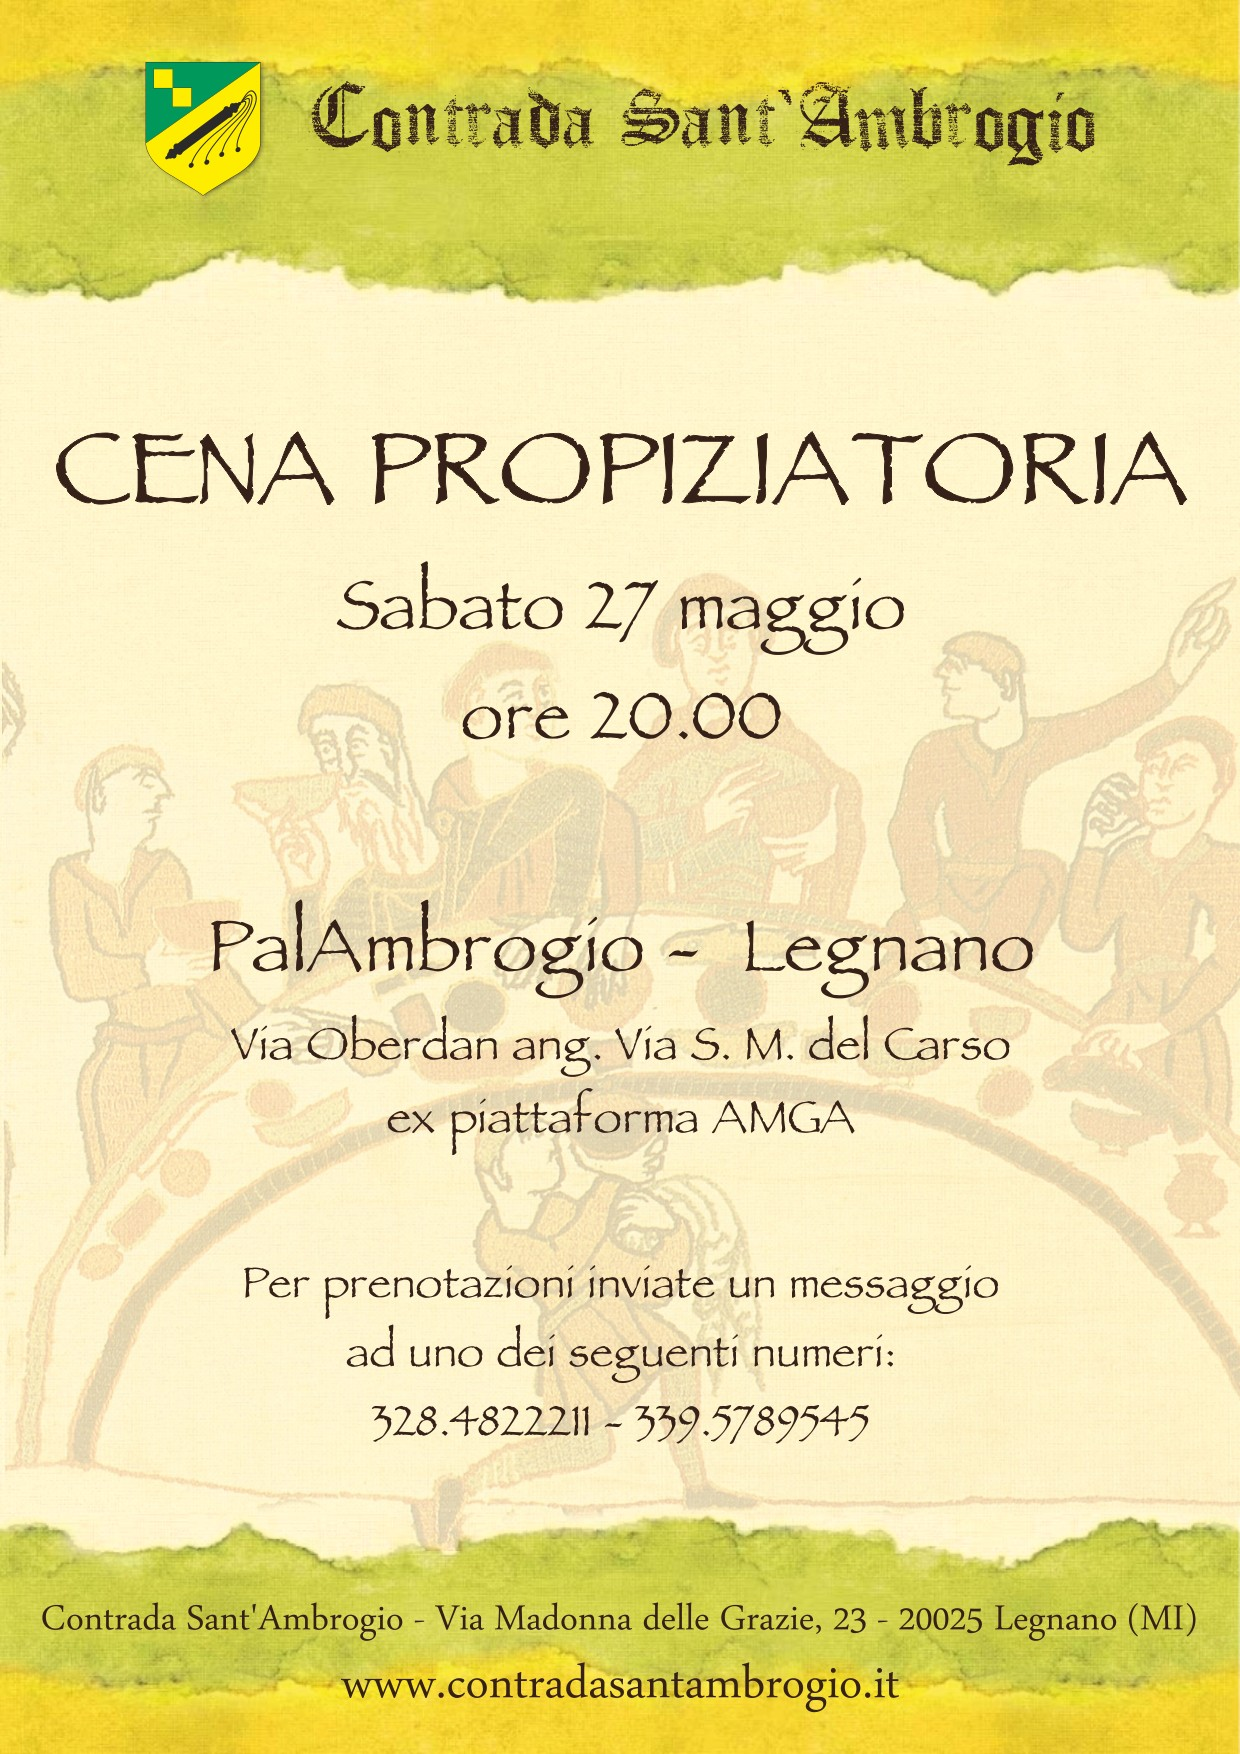 propiziatoria_2017